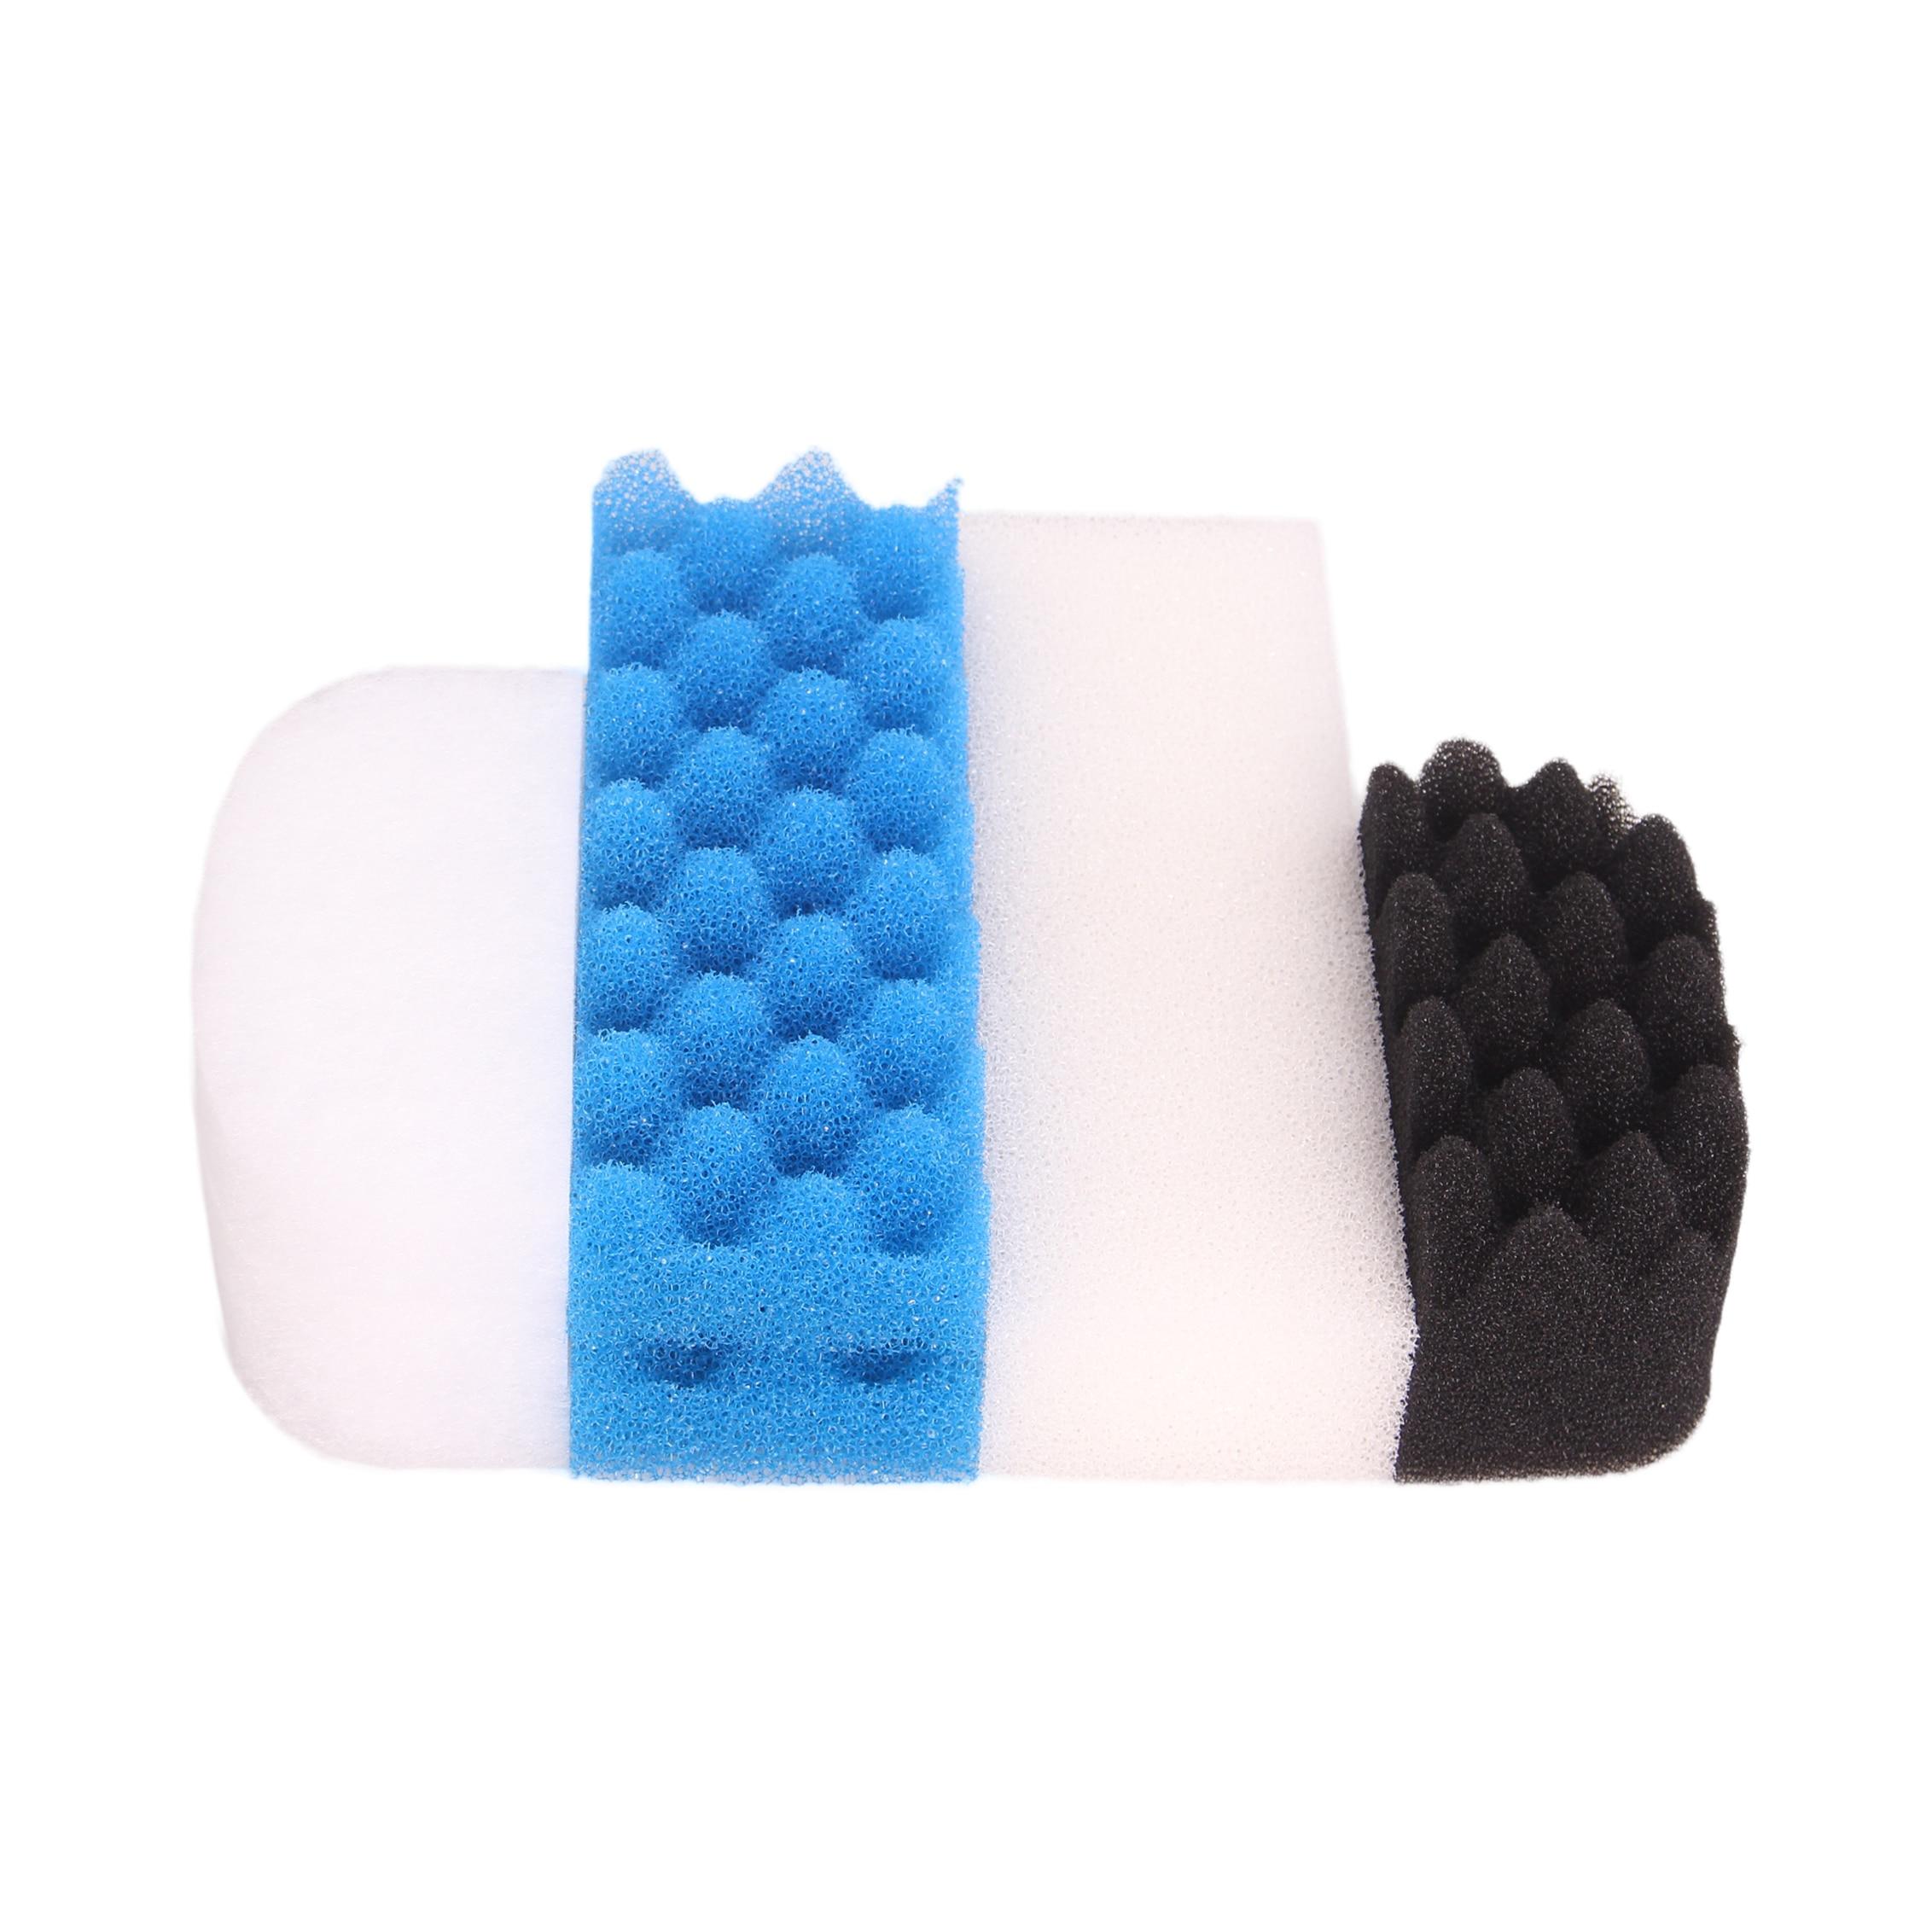 AUTUMNGREAT Compatible Value Pack Fit for Fluval 206 207 Filter (3x Polishing Pad, 2x Plain Foam, 1x Bio-Foam, 2x Bio Foam Max)